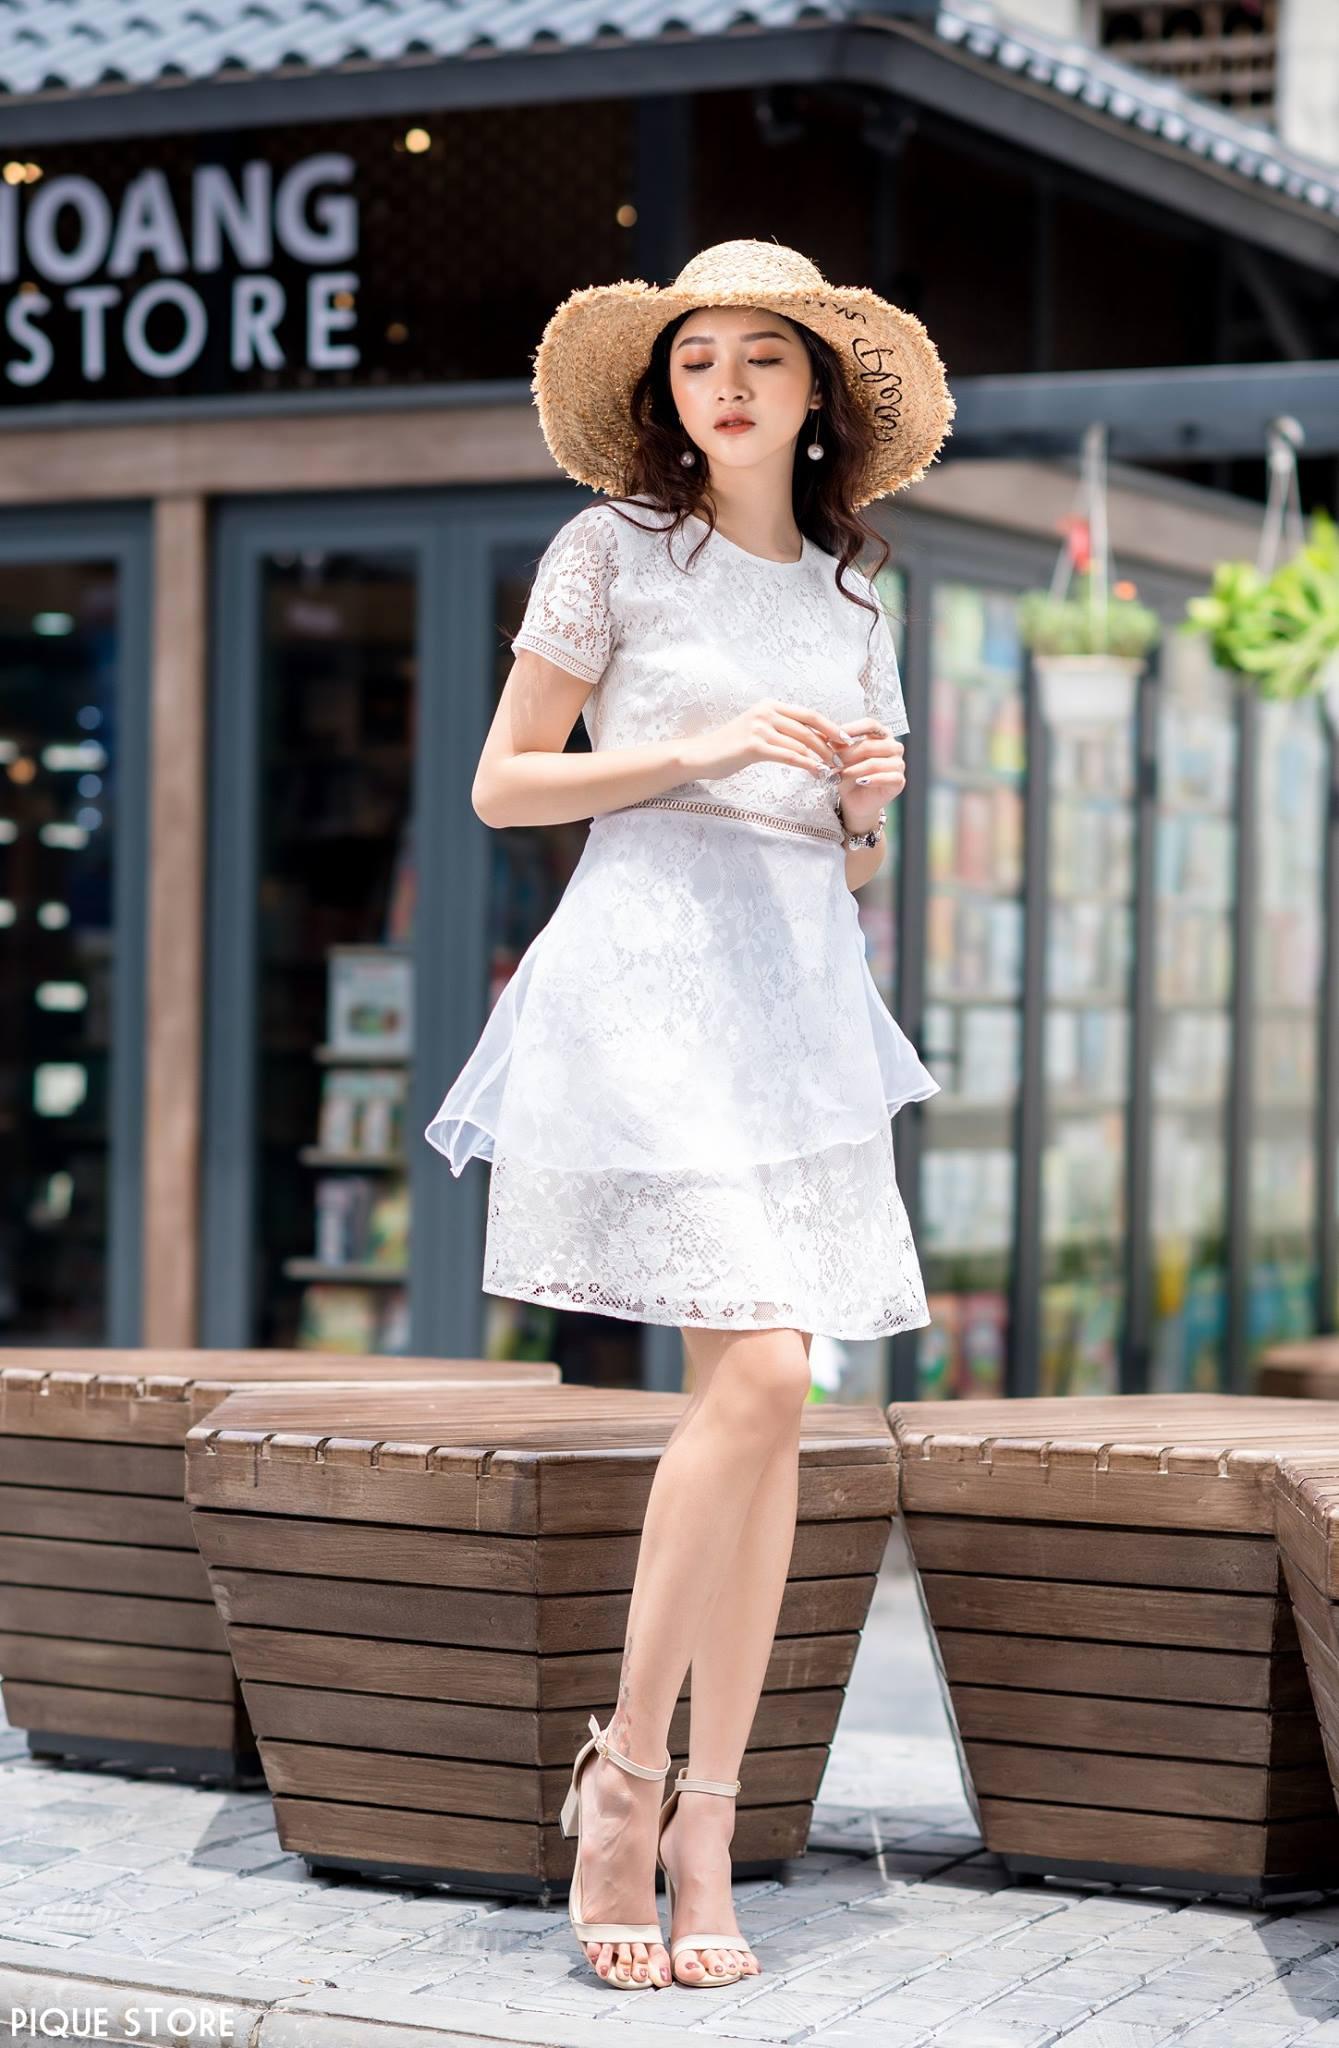 ảnh chụp thời trang hợp tác cùng Pique Store trên phố sách